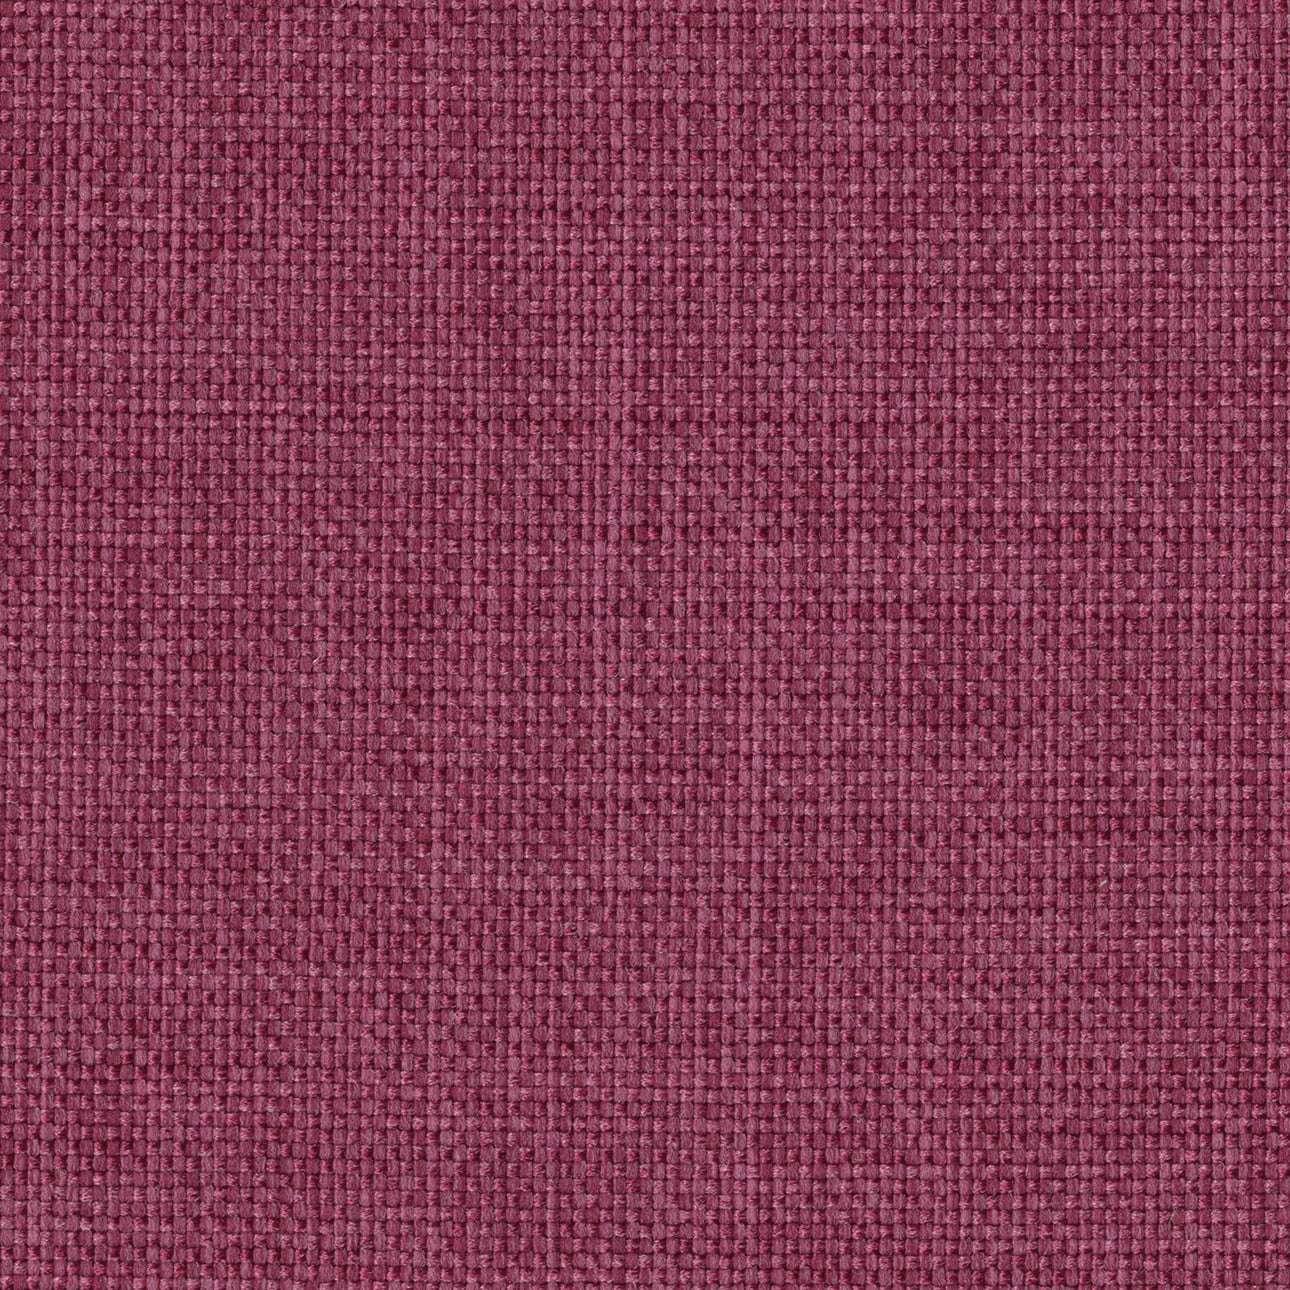 Pokrowiec na fotel Barkaby w kolekcji Living, tkanina: 160-44